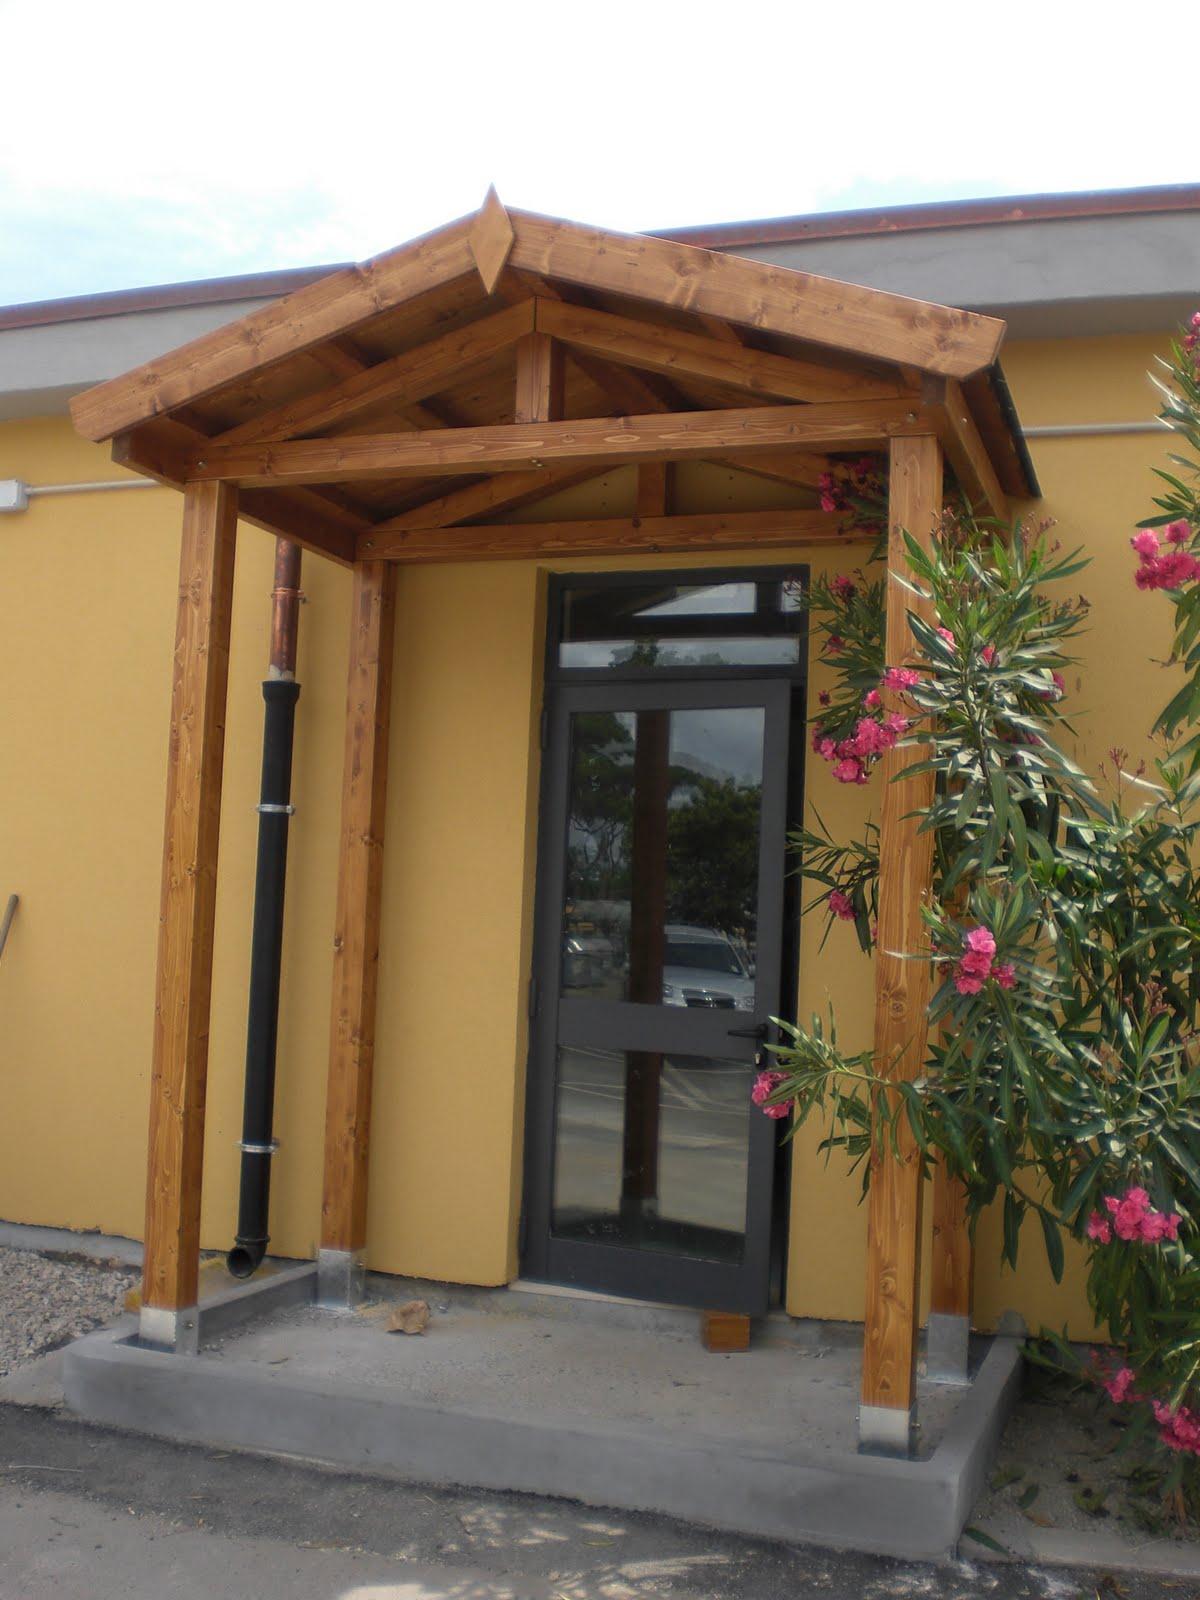 Montagnani paolo s r l strutture in legno tettoia per ingresso - Tettoia per porta ingresso ...